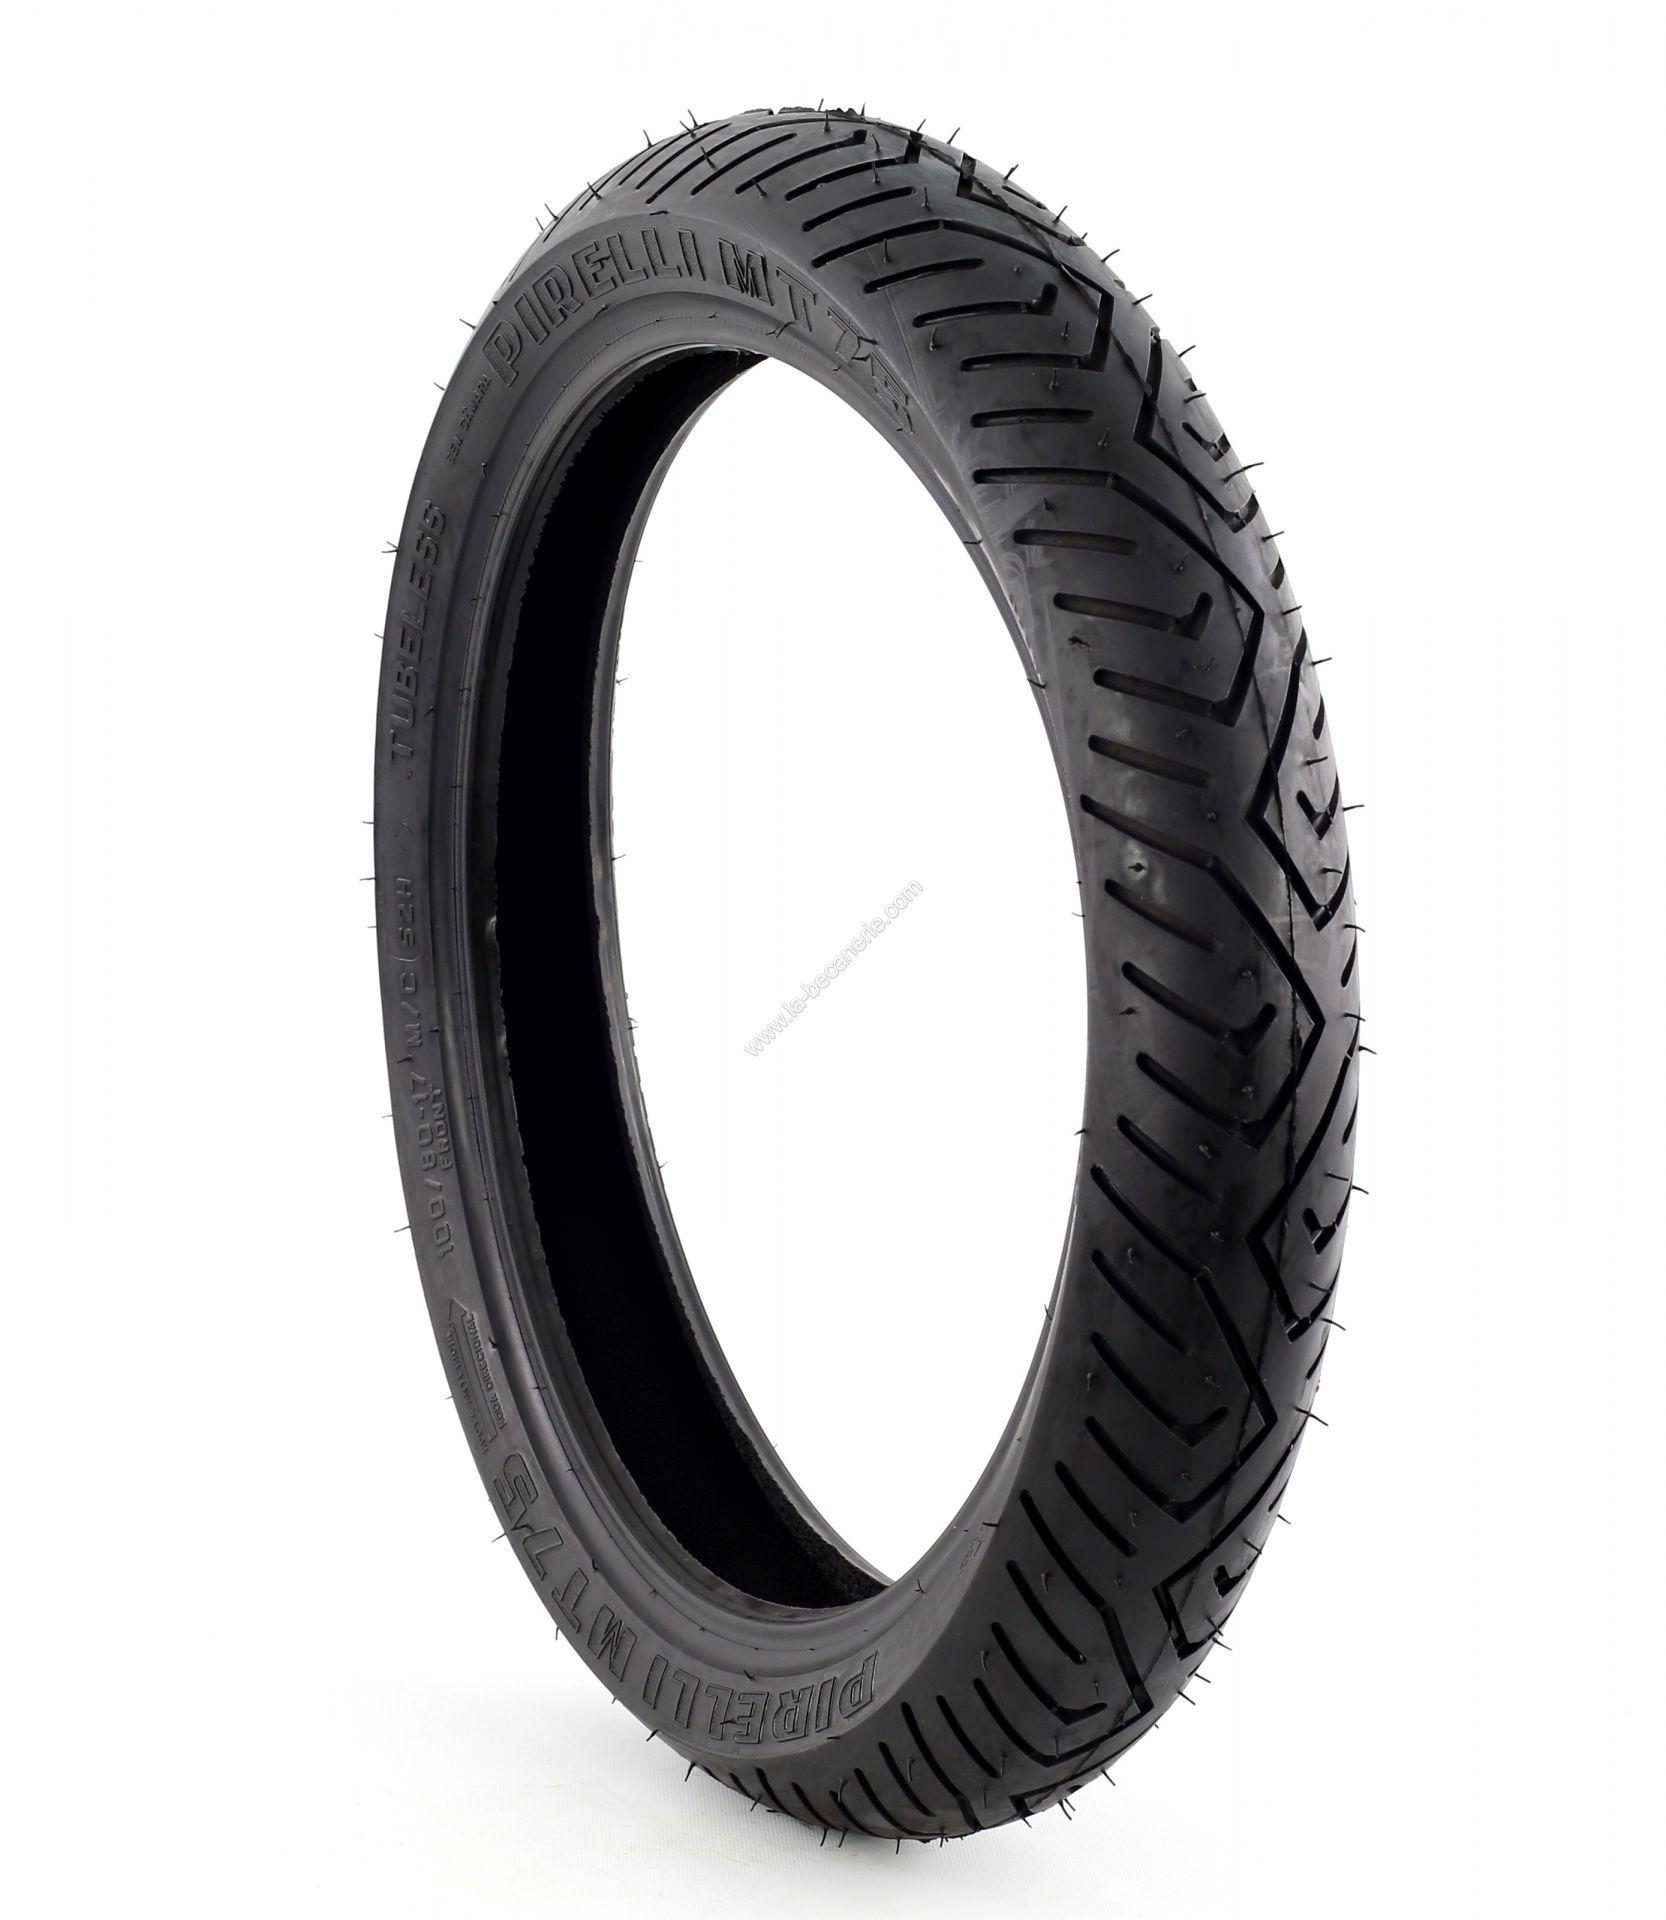 pneu pirelli mt75 scorpion 100 80 17 52h pi ces partie cycle sur la b canerie. Black Bedroom Furniture Sets. Home Design Ideas